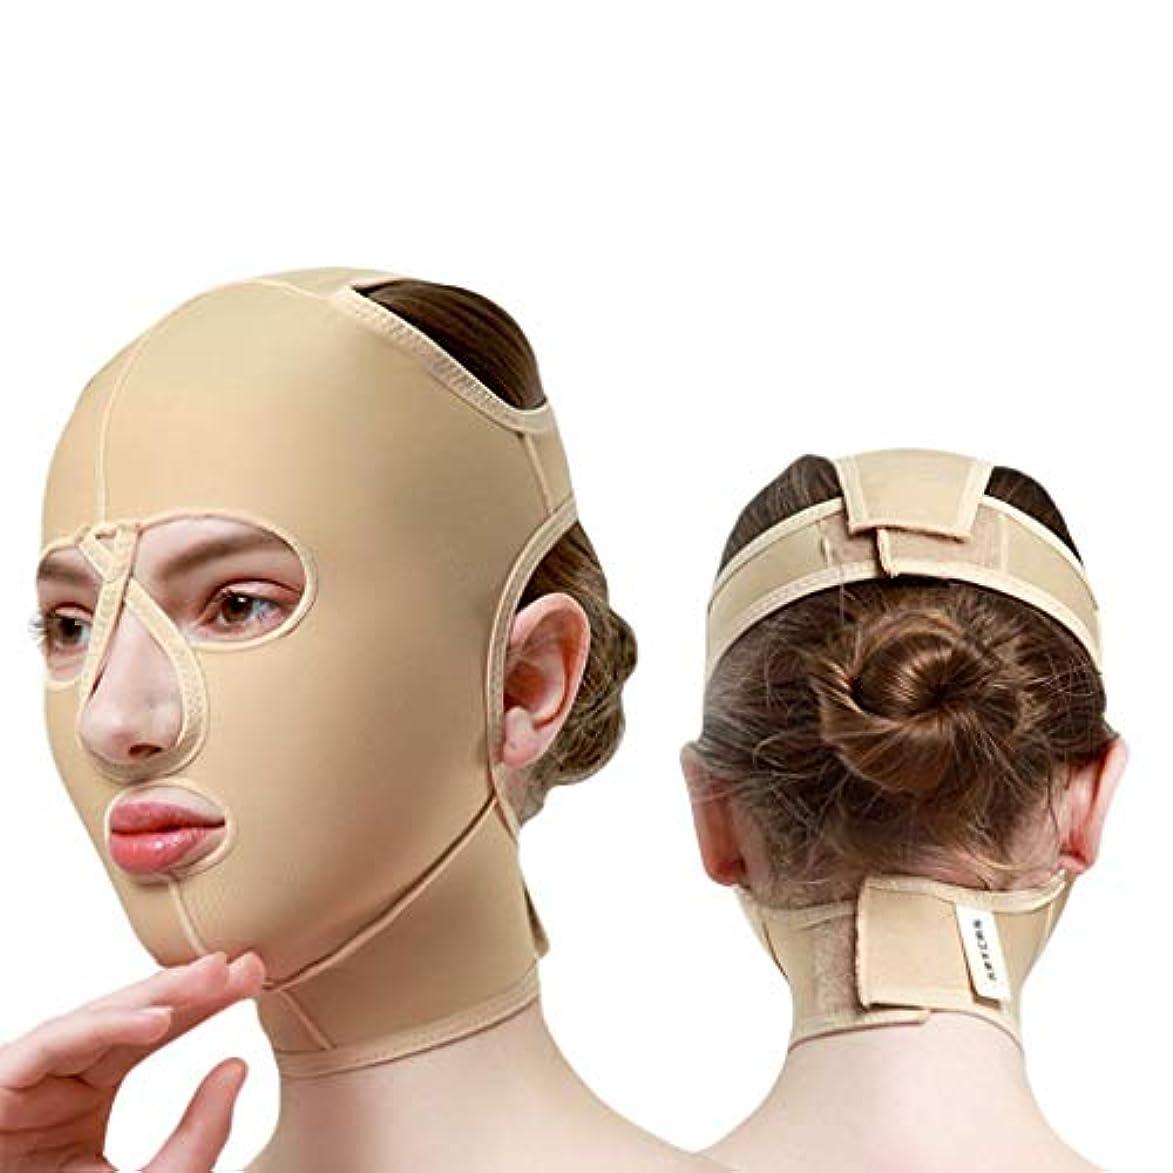 ホイットニー安心させるテクニカルチンストラップ、顔彫りツール、リフティングマスク、ダブルチンリデューサー、フェイスリフティングエラスティックマスクメス(サイズ:M),M